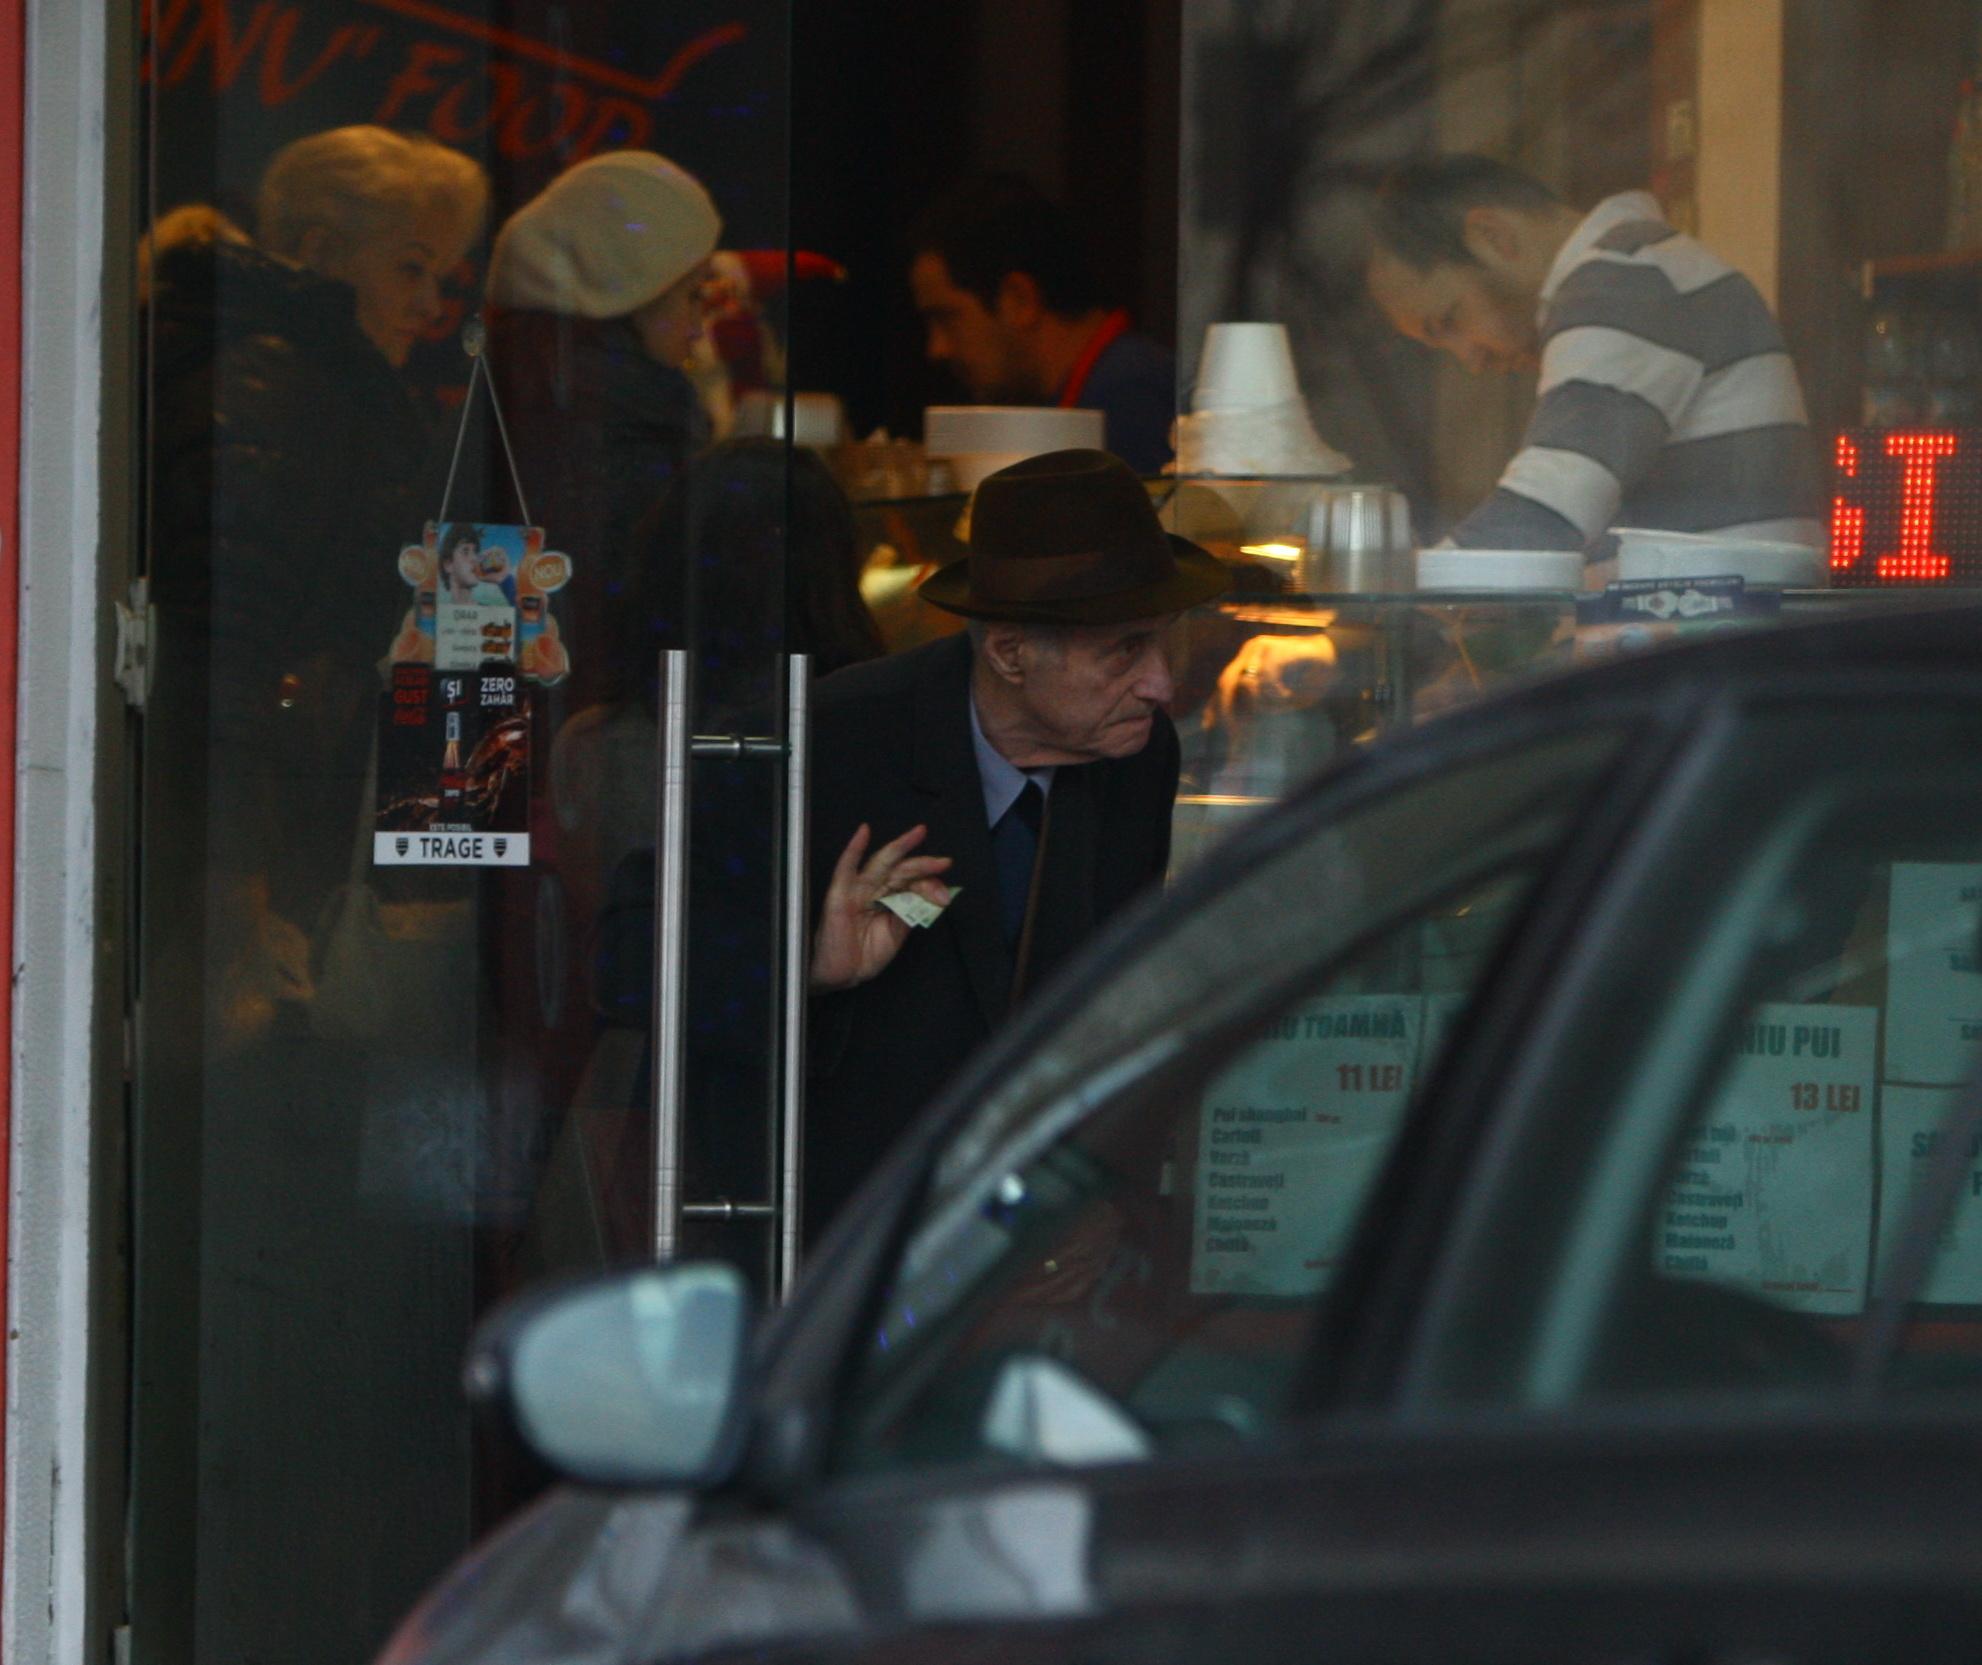 Cu restul in mana, Visinescu a iesit din fast- food